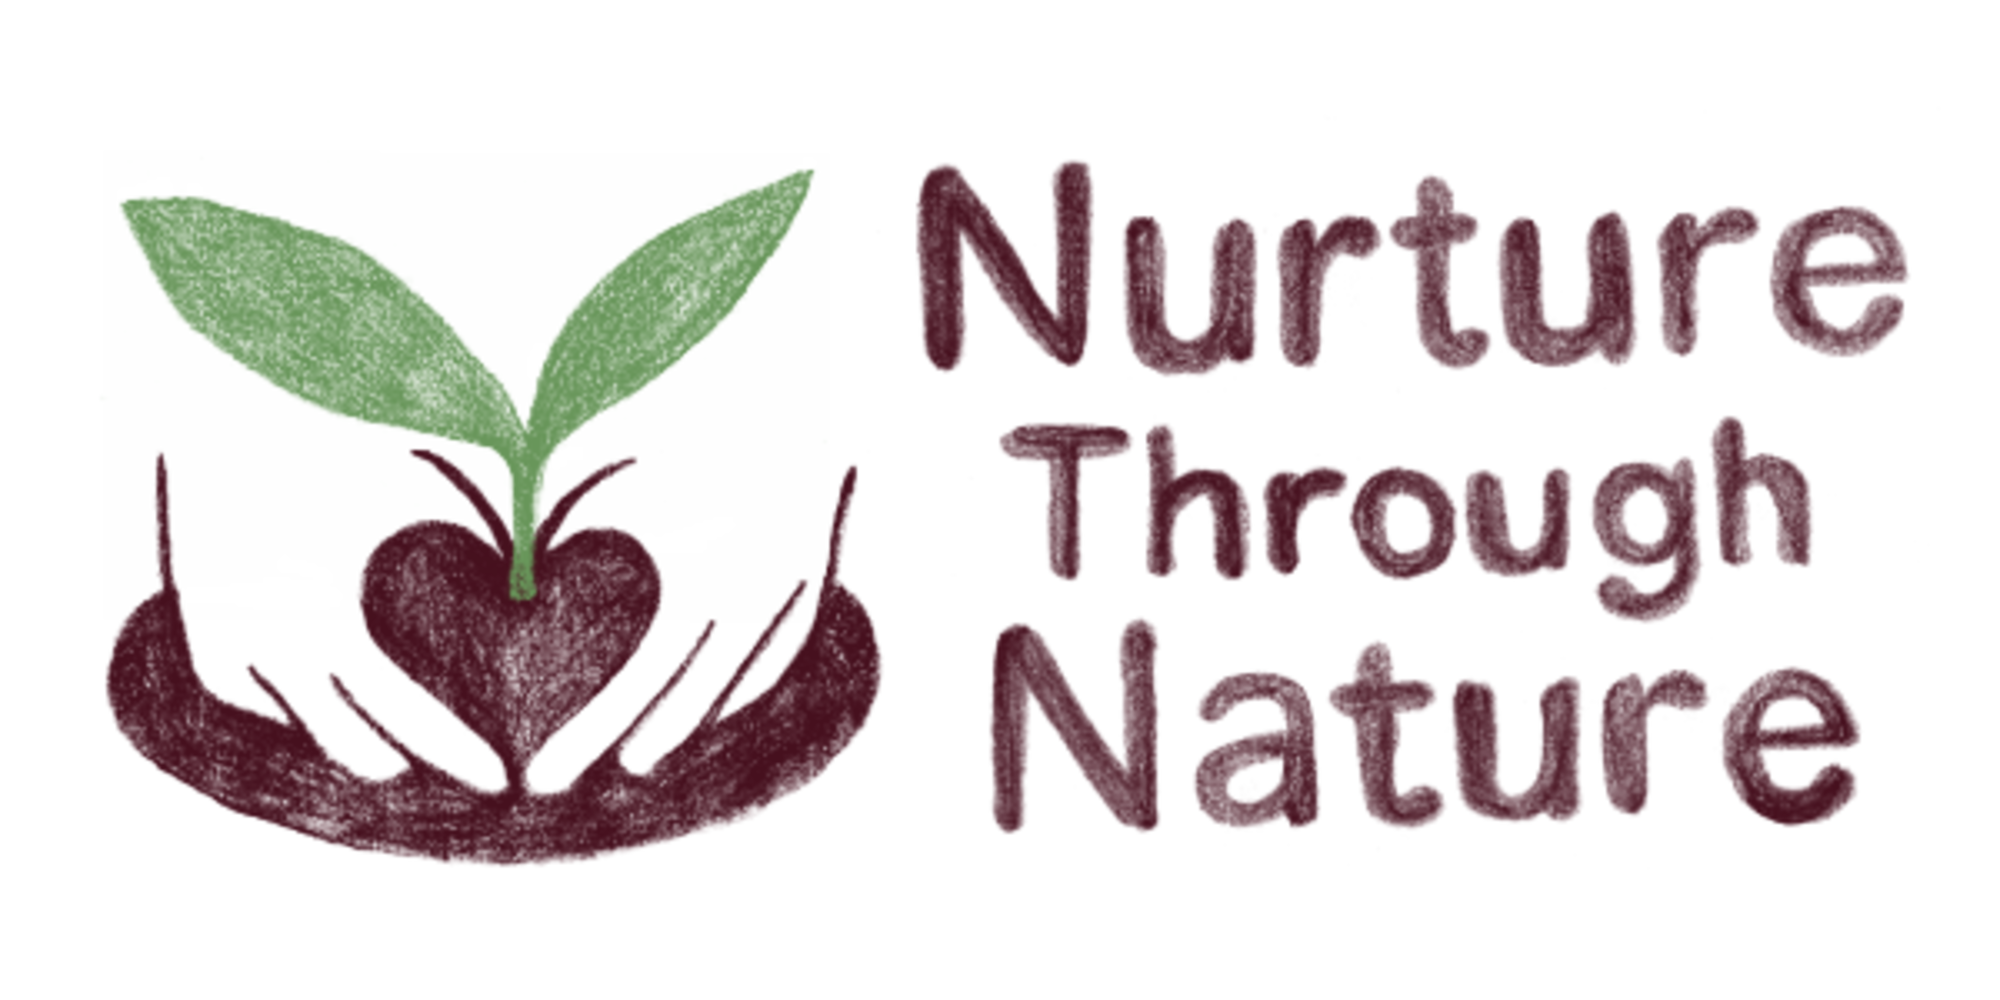 Nurturethroughnature